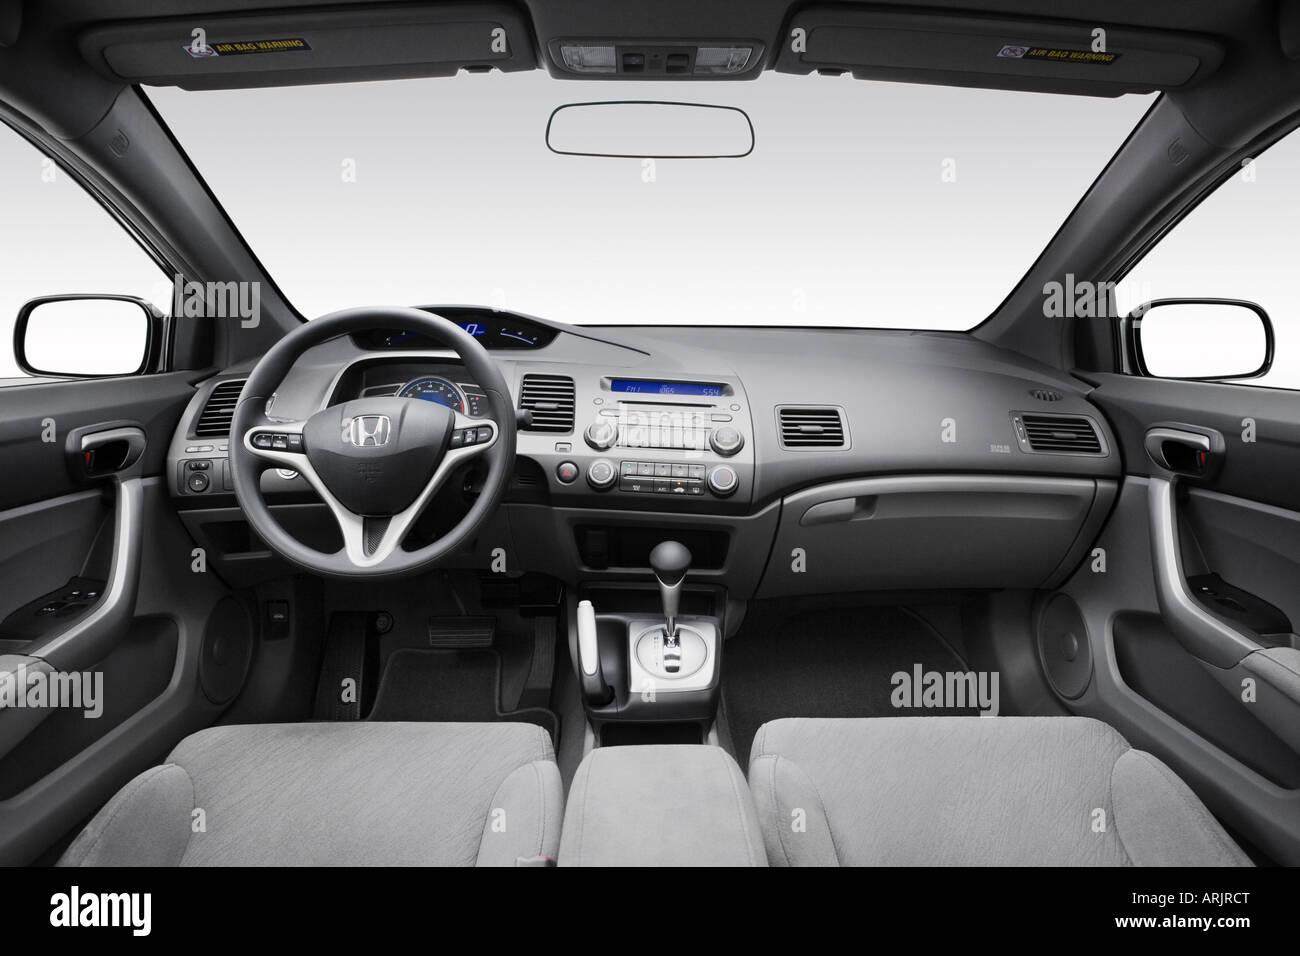 2008 Honda Civic EX Em Cinza   Painel De Bordo, Consola Central, Vista De  Mudança De Marchas